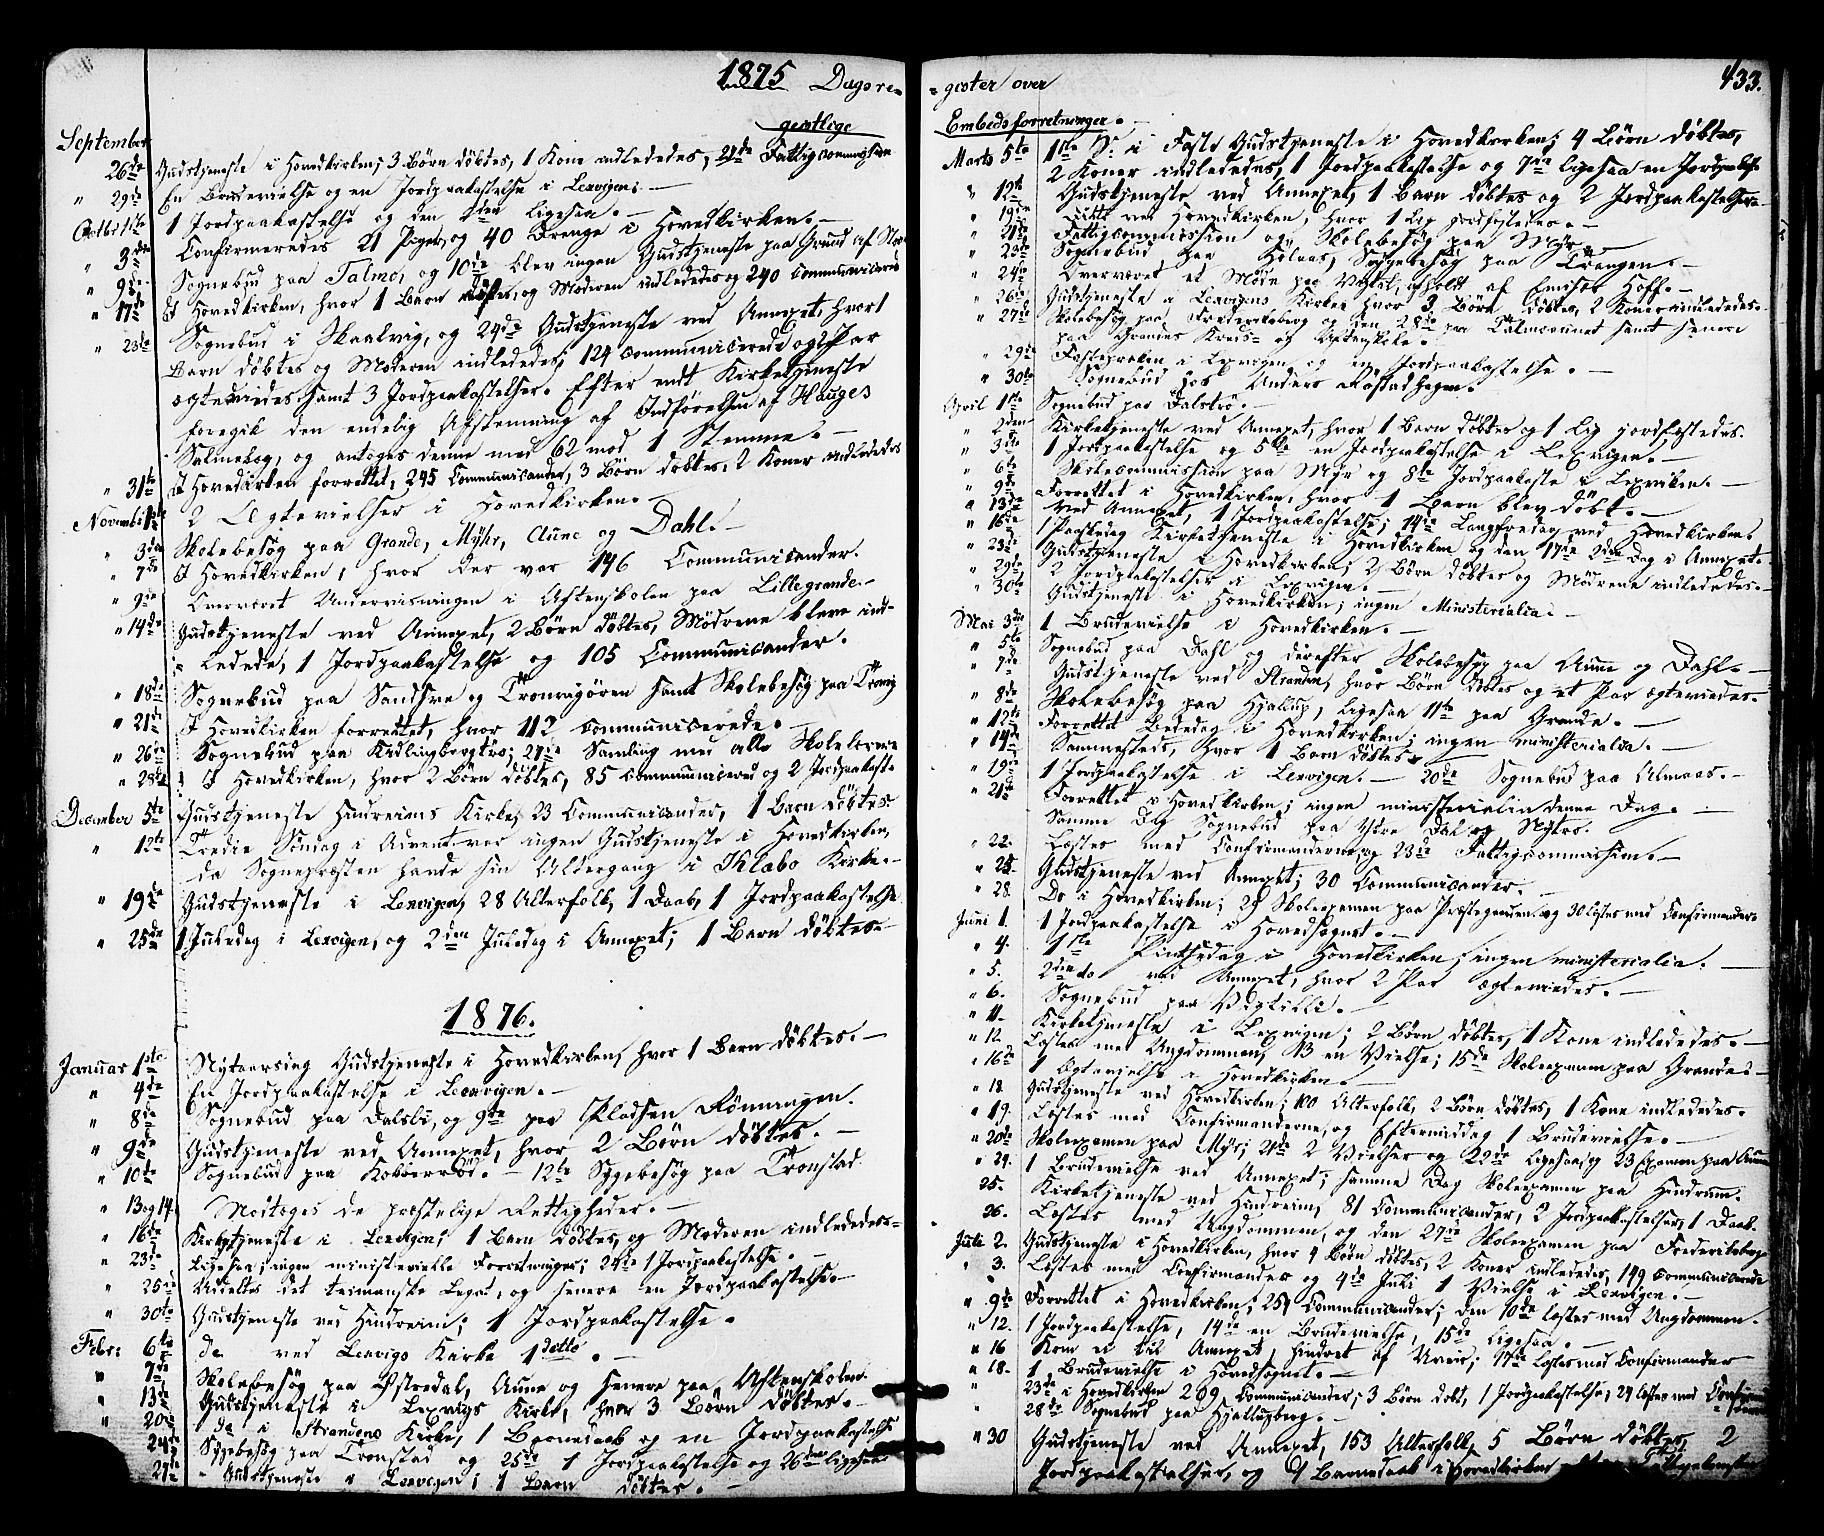 SAT, Ministerialprotokoller, klokkerbøker og fødselsregistre - Nord-Trøndelag, 701/L0009: Ministerialbok nr. 701A09 /1, 1864-1882, s. 433